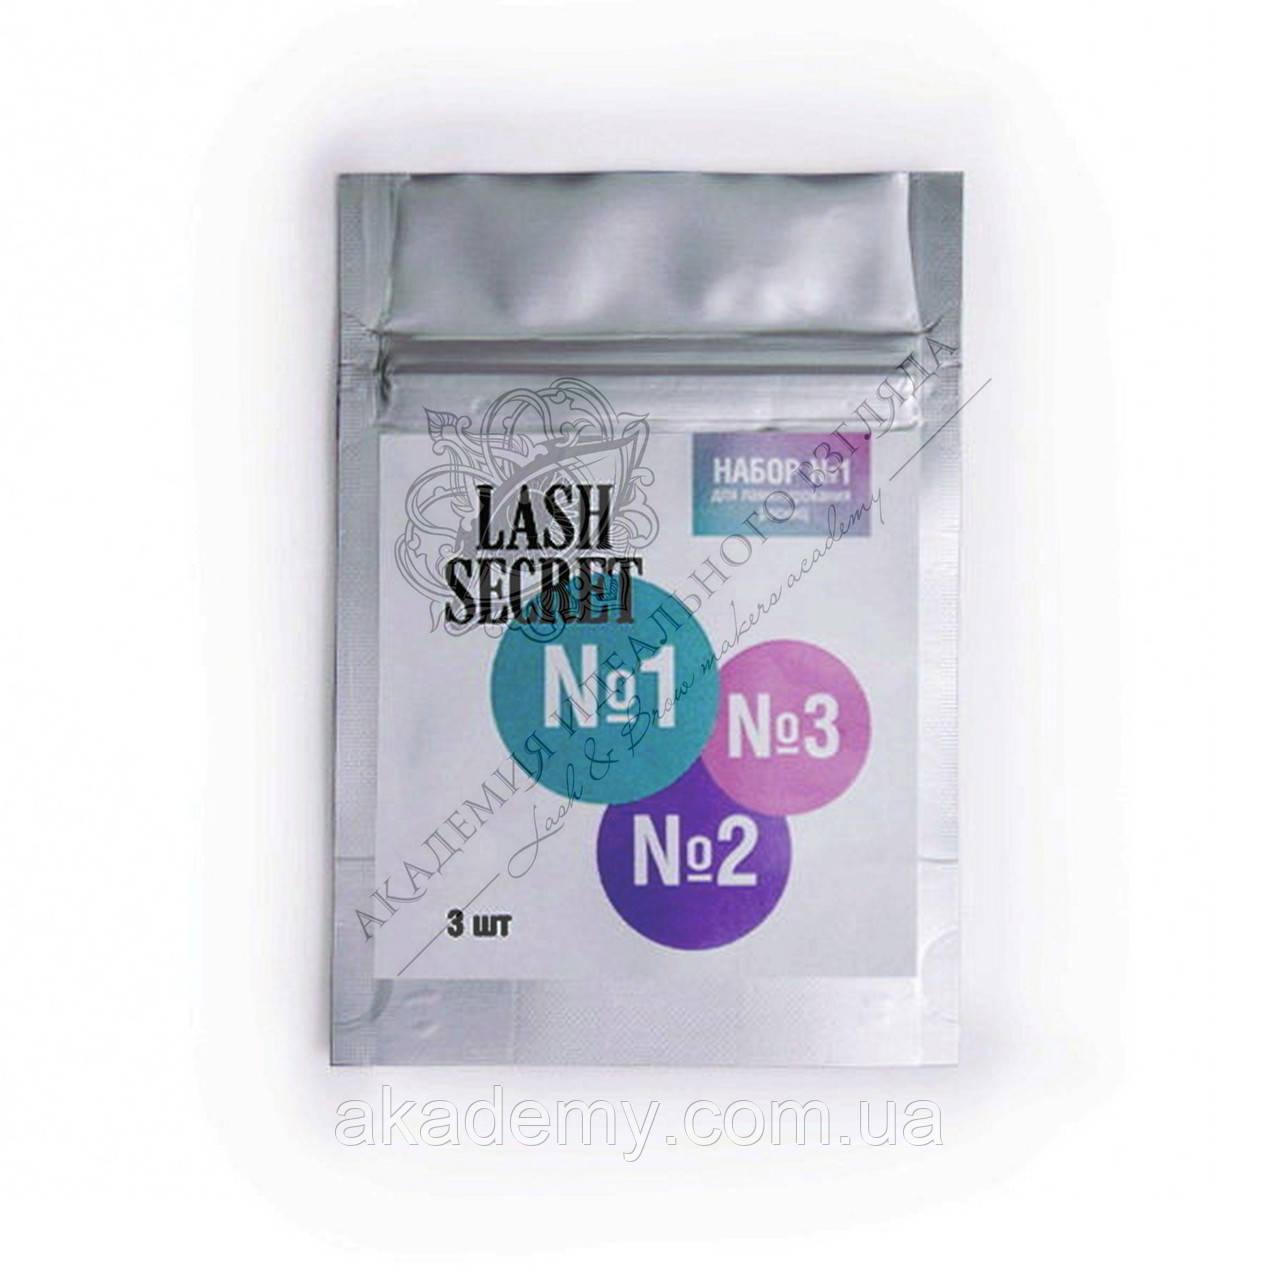 Набор №1 для ламинирования ресниц Lash Secret (3 шт.)